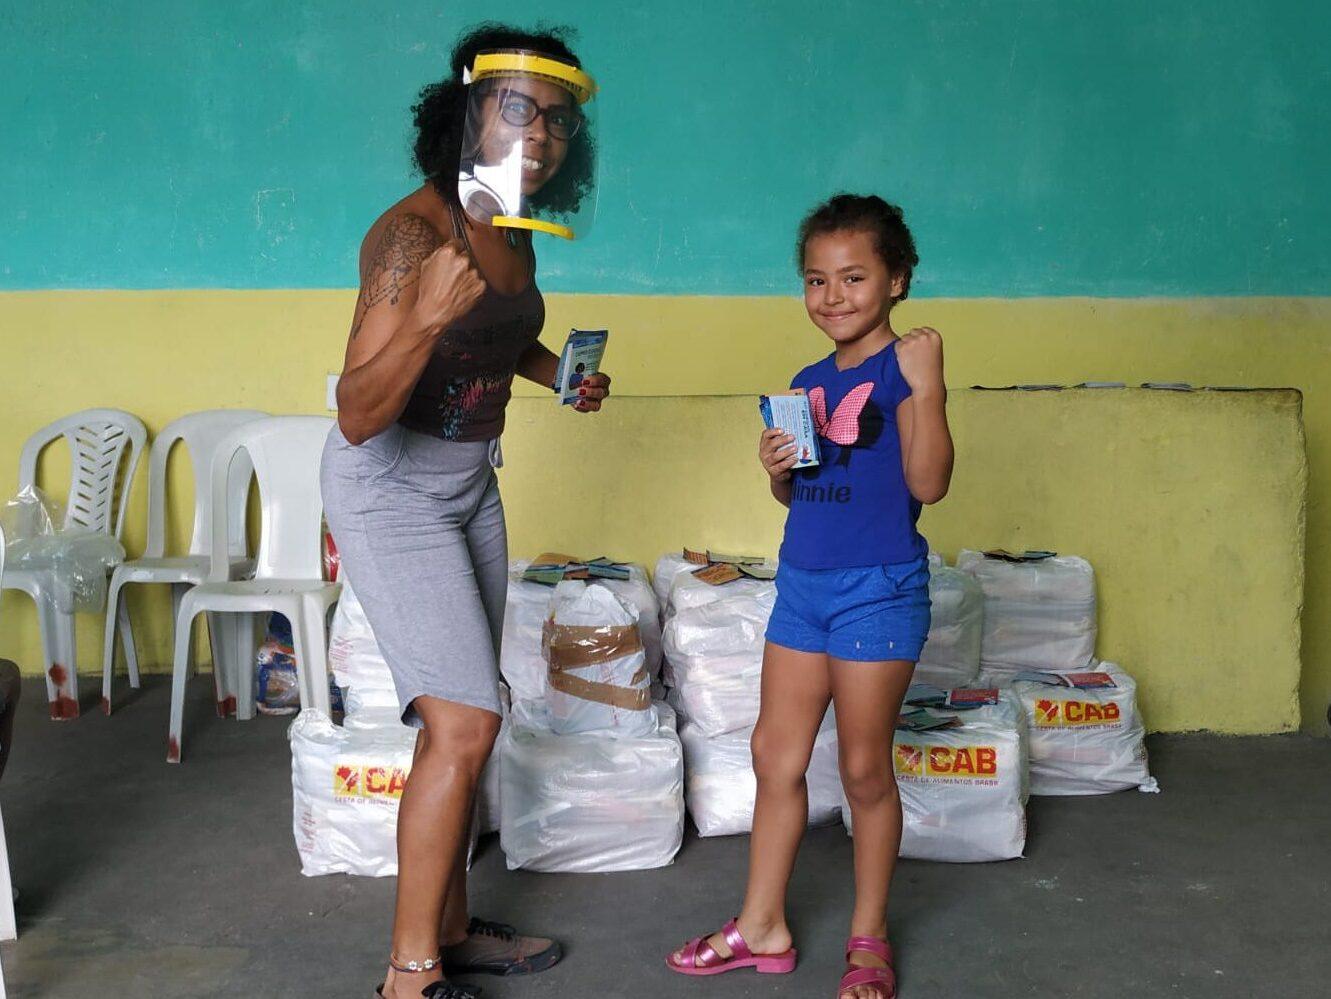 Imagem mostra uma mulher e uma menina em frente a cestas básicas